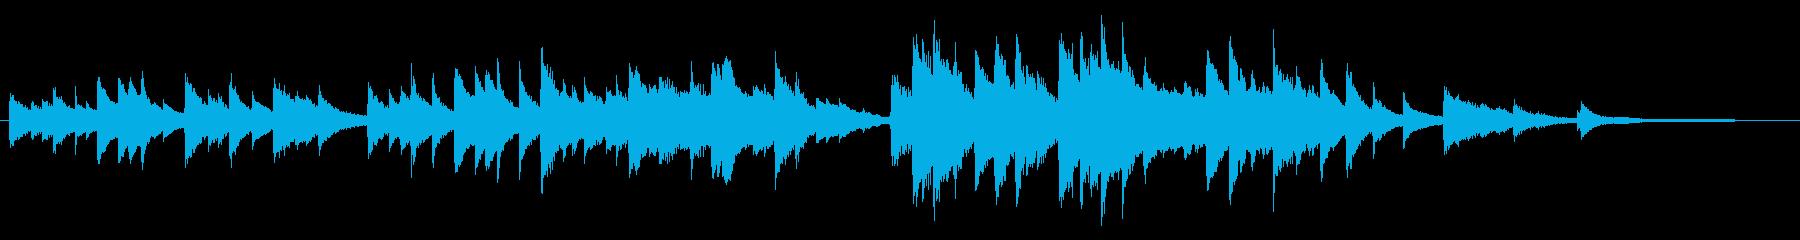 しっとり静かなピアノソロの再生済みの波形